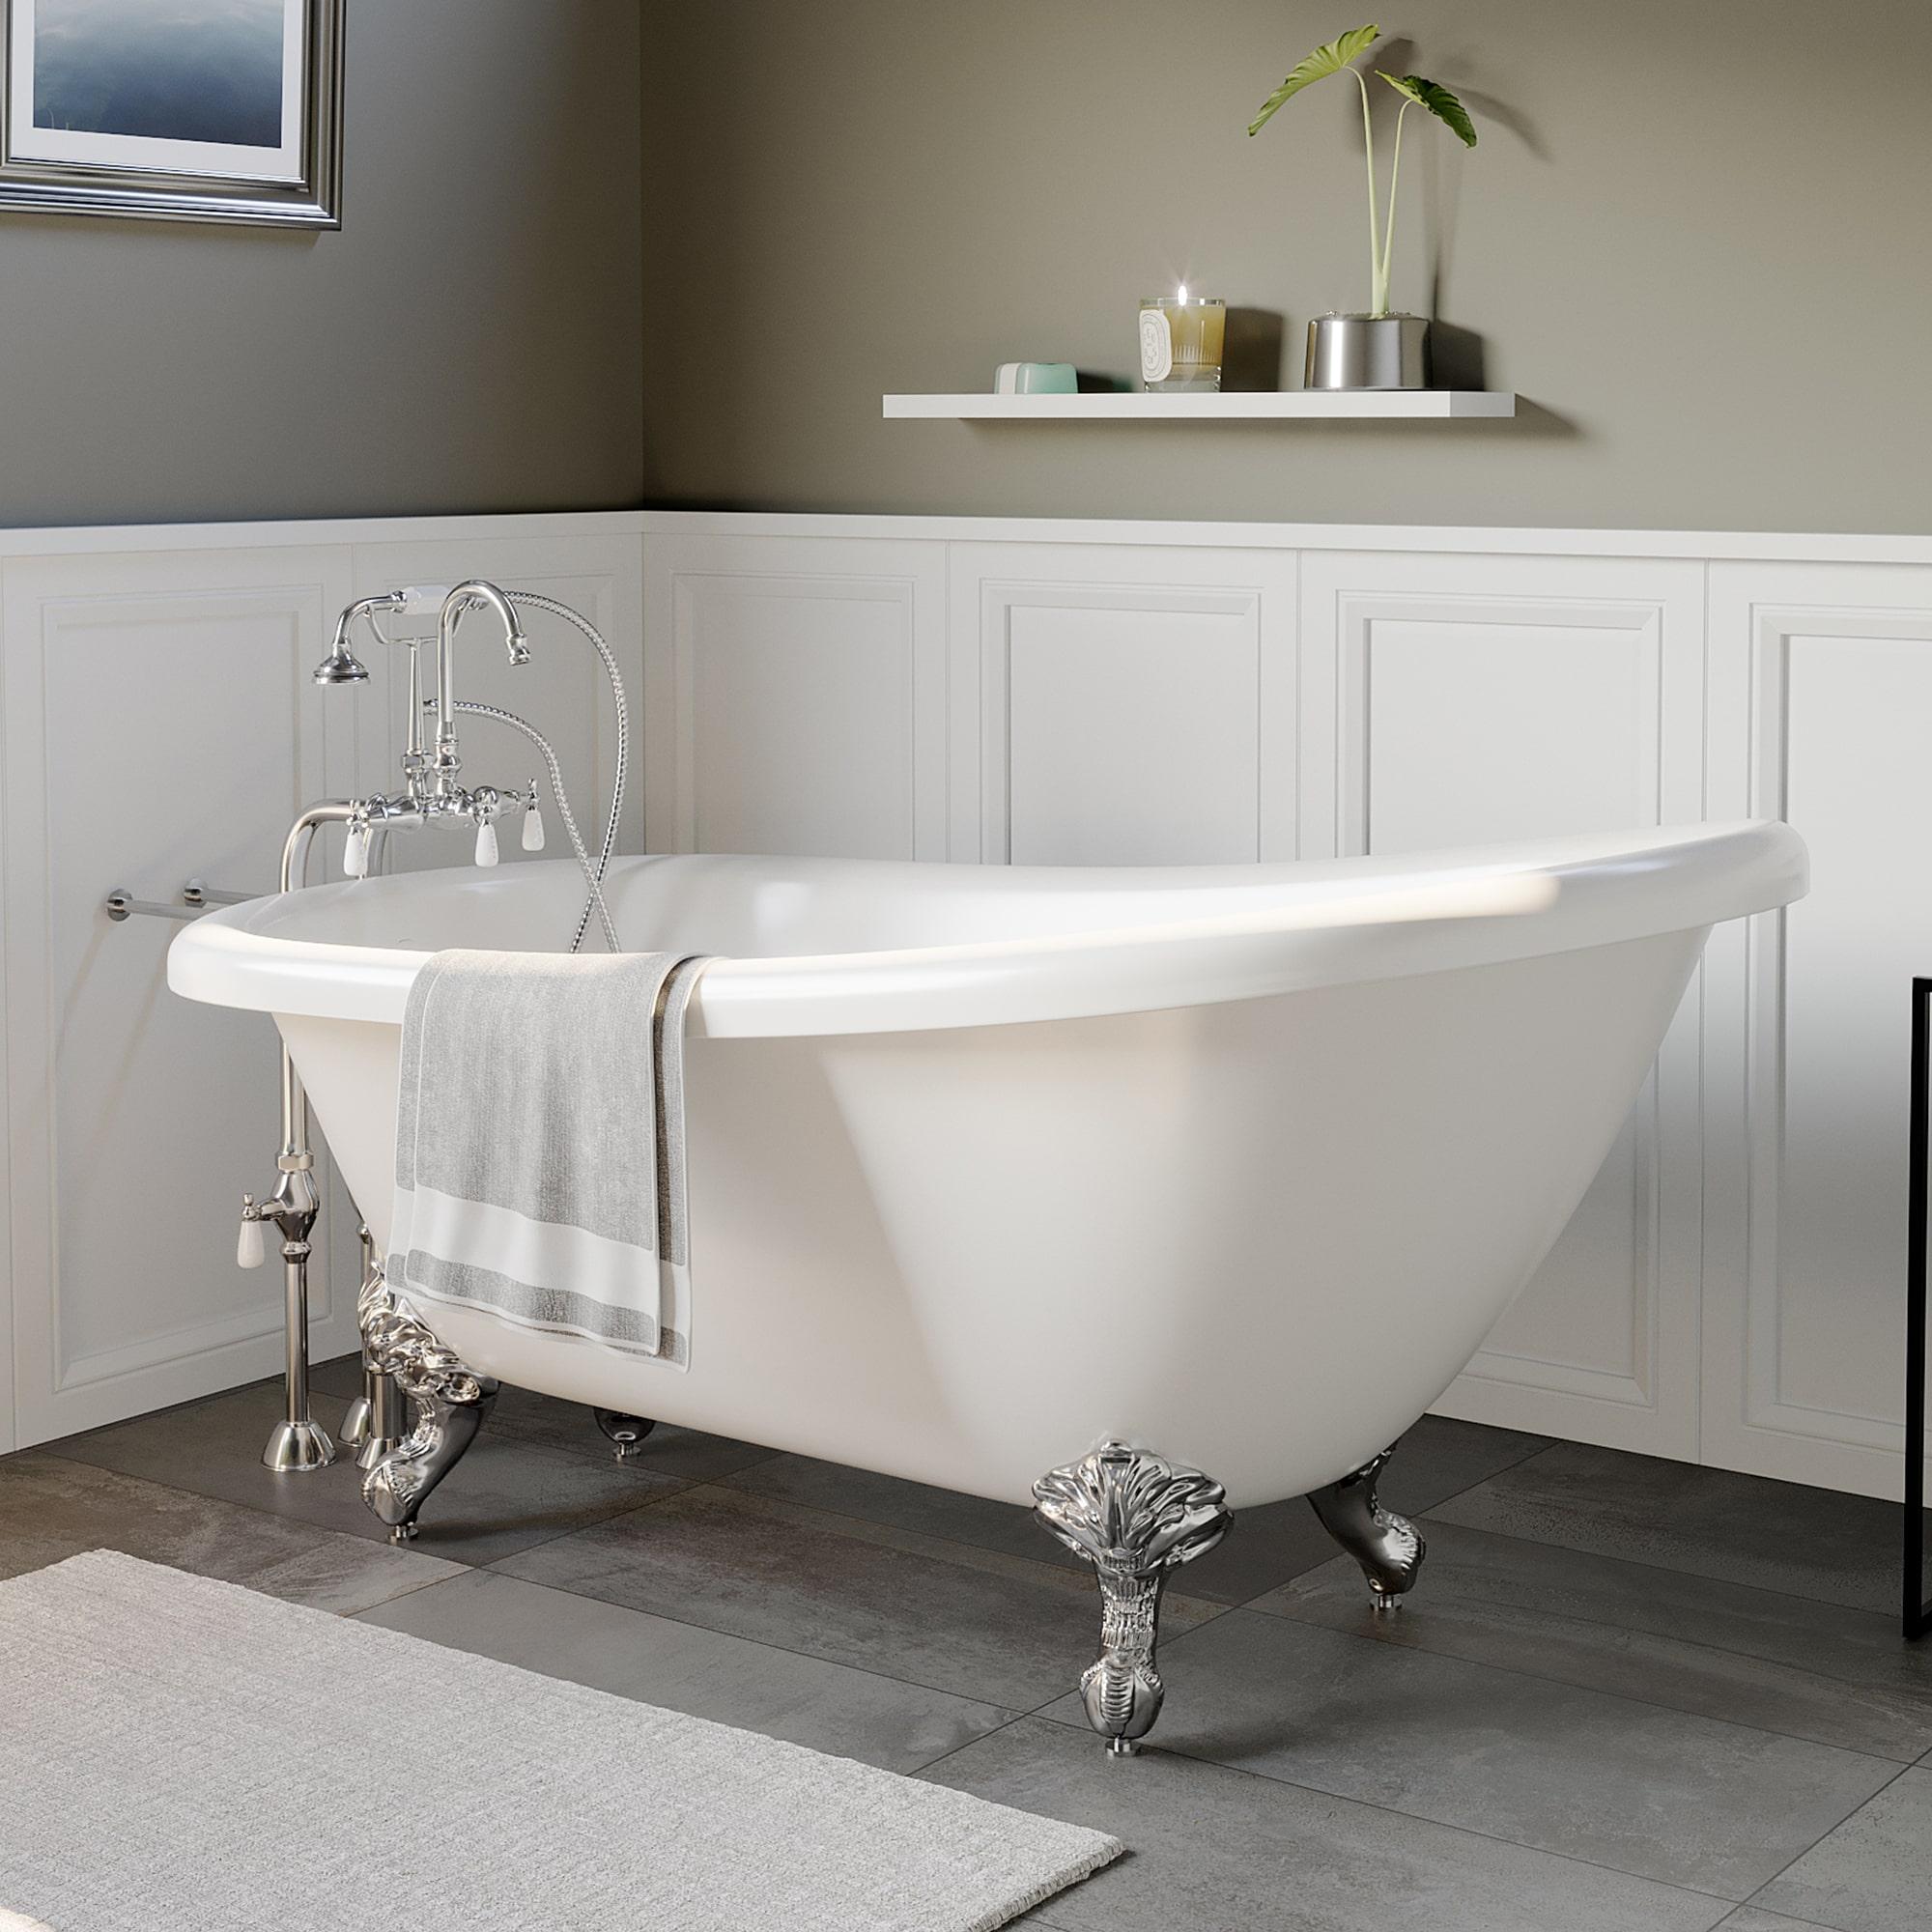 acrylic clawfoot slipper tub,